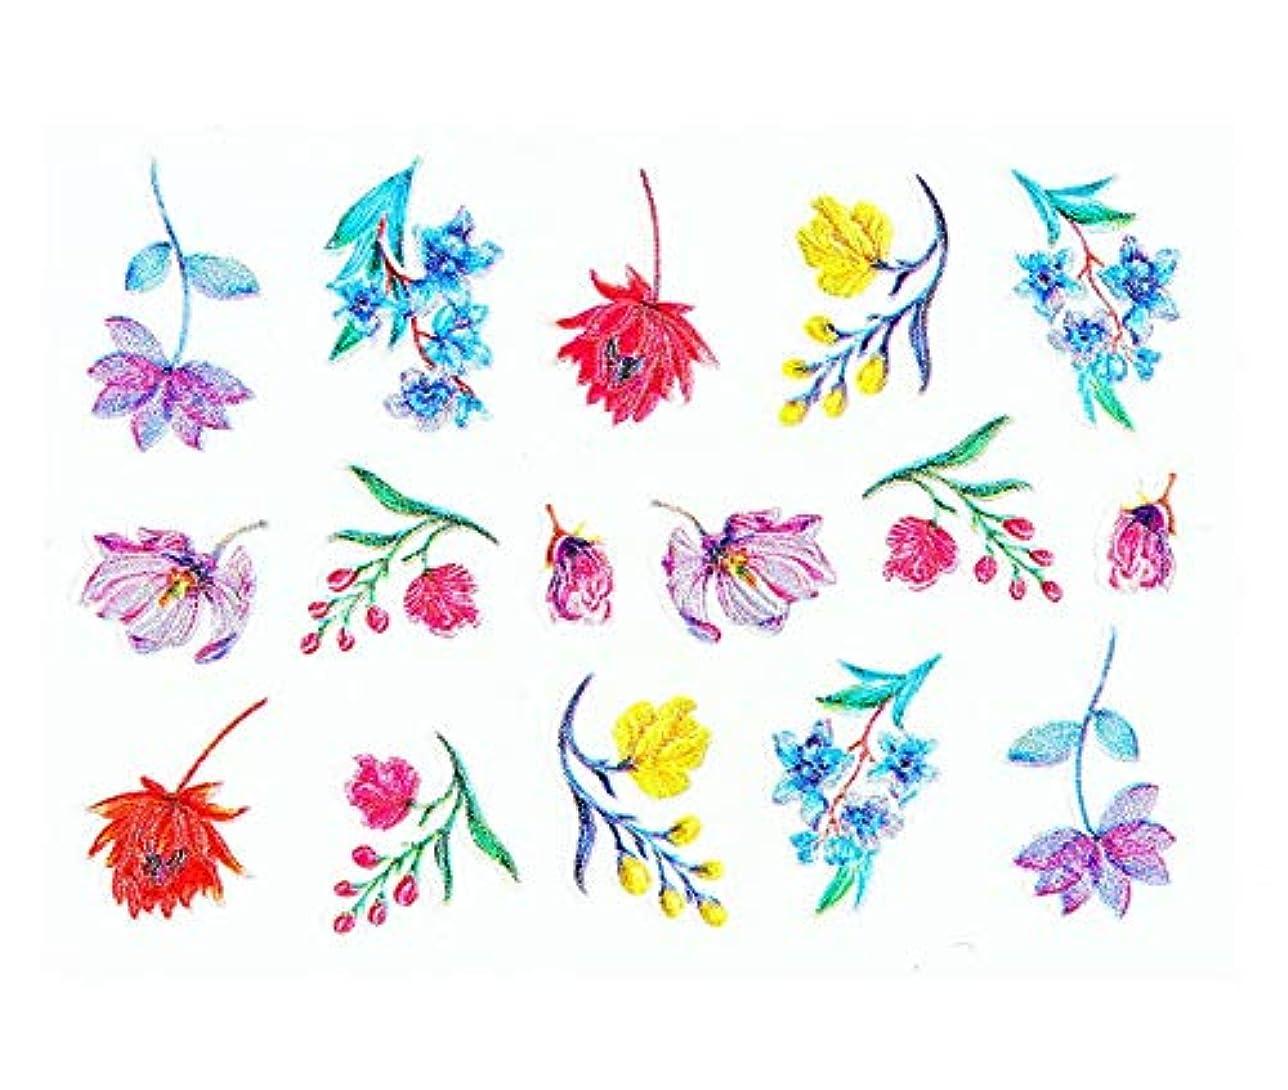 テキスト唇ペグTianmey 5Dエンボス透かしネイルステッカーフラワーマニキュアデコレーションネイルデカールステッカー (Color : Flower)